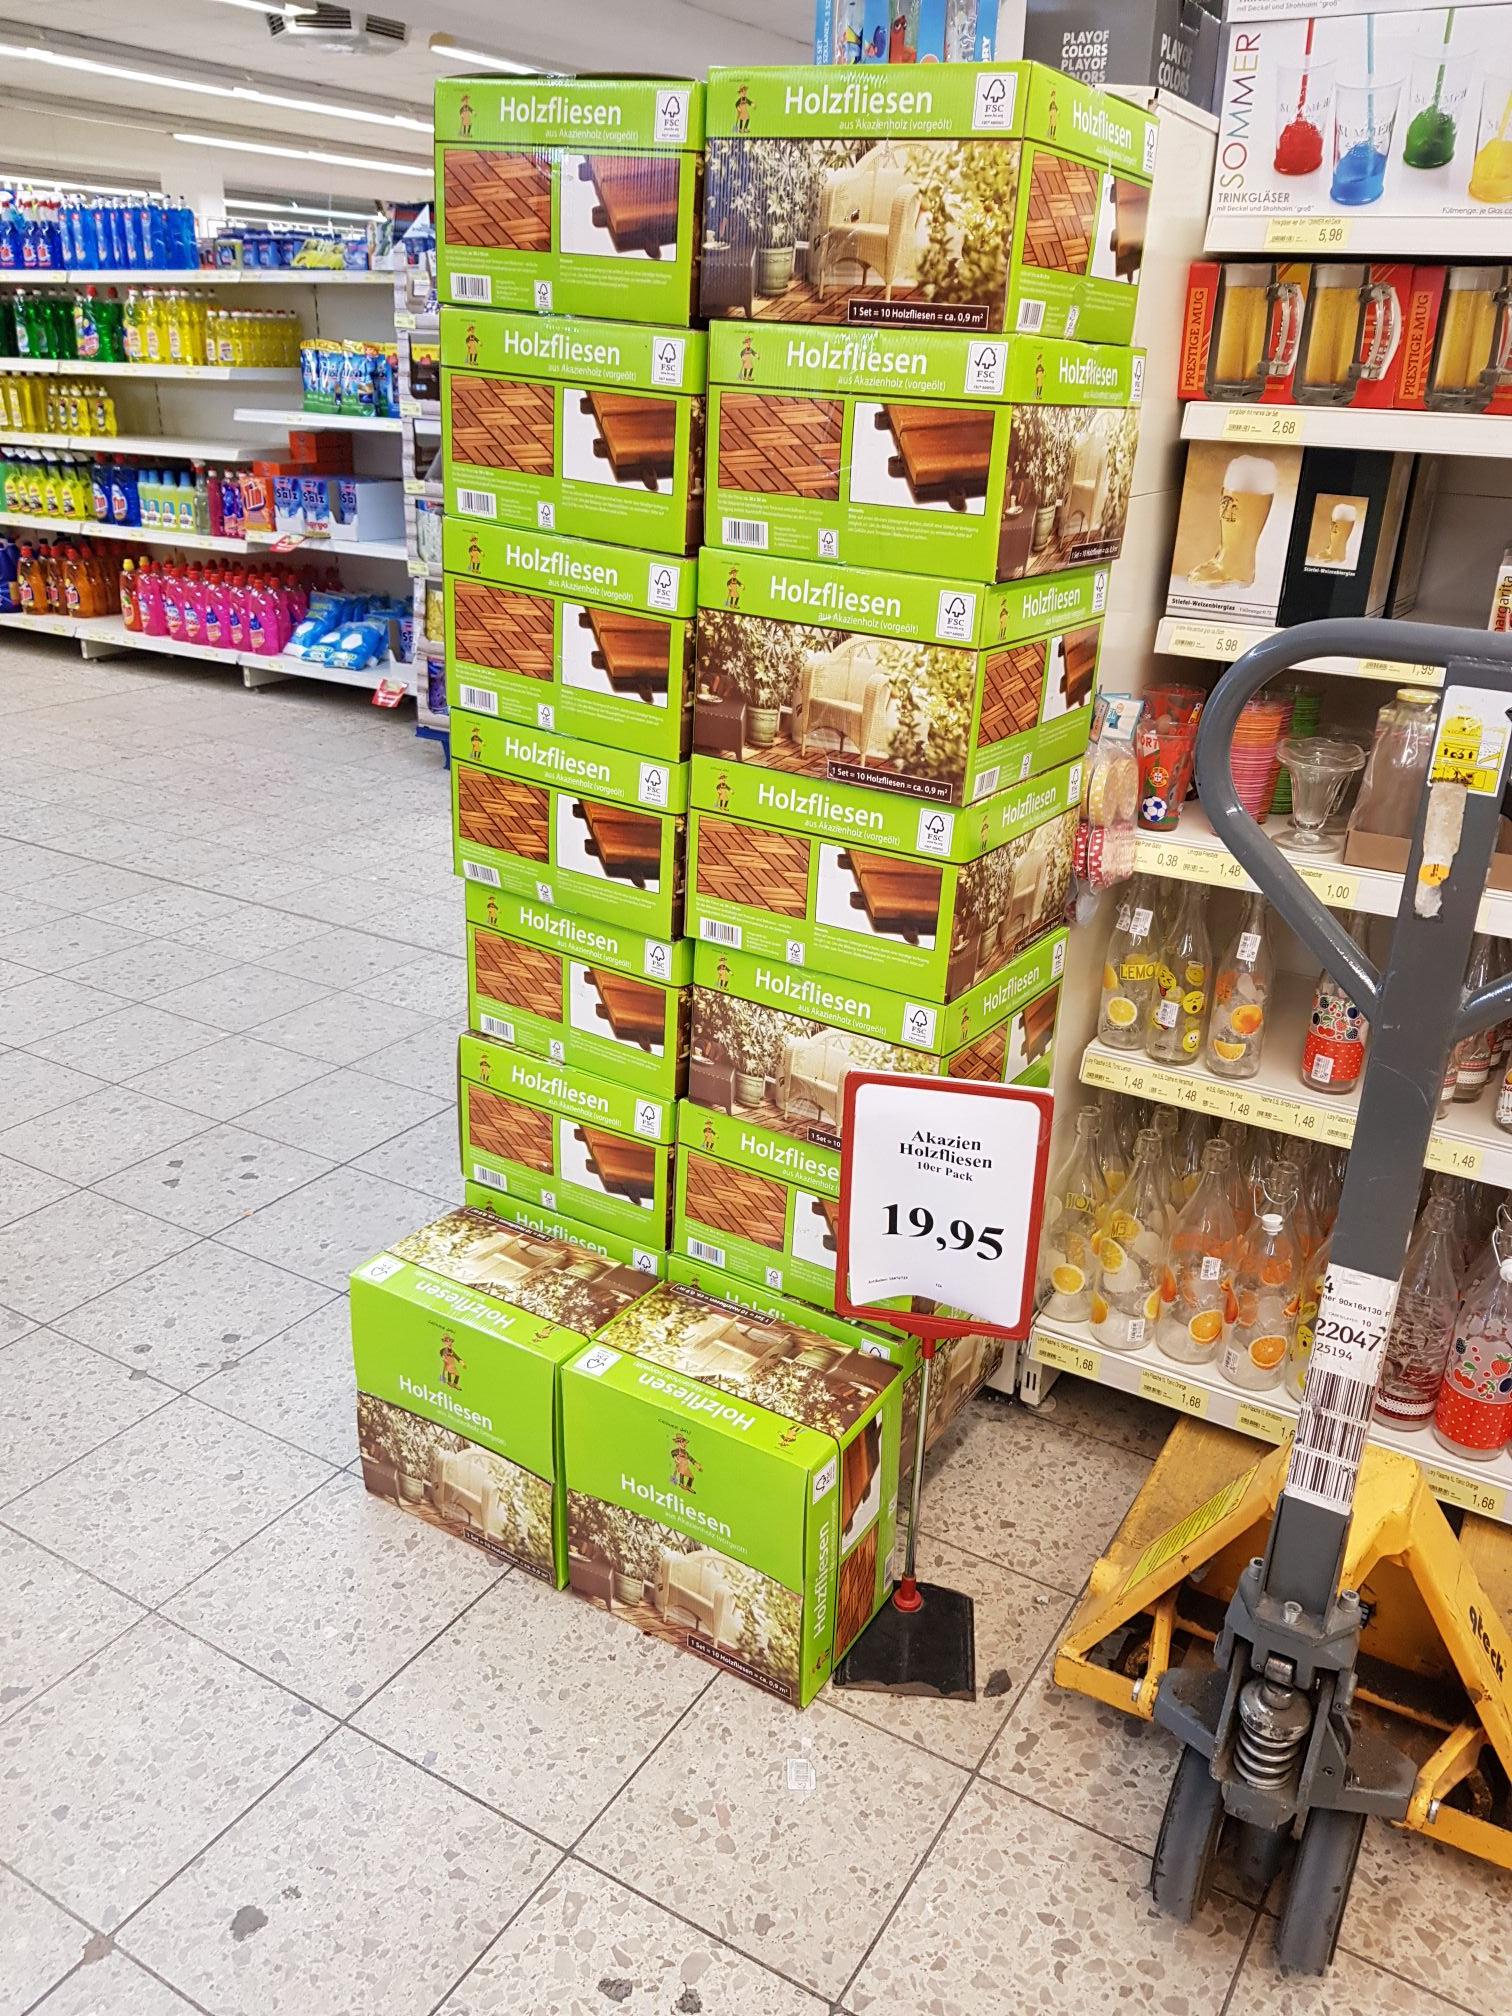 Akazien Holzfliesen 10er Pack